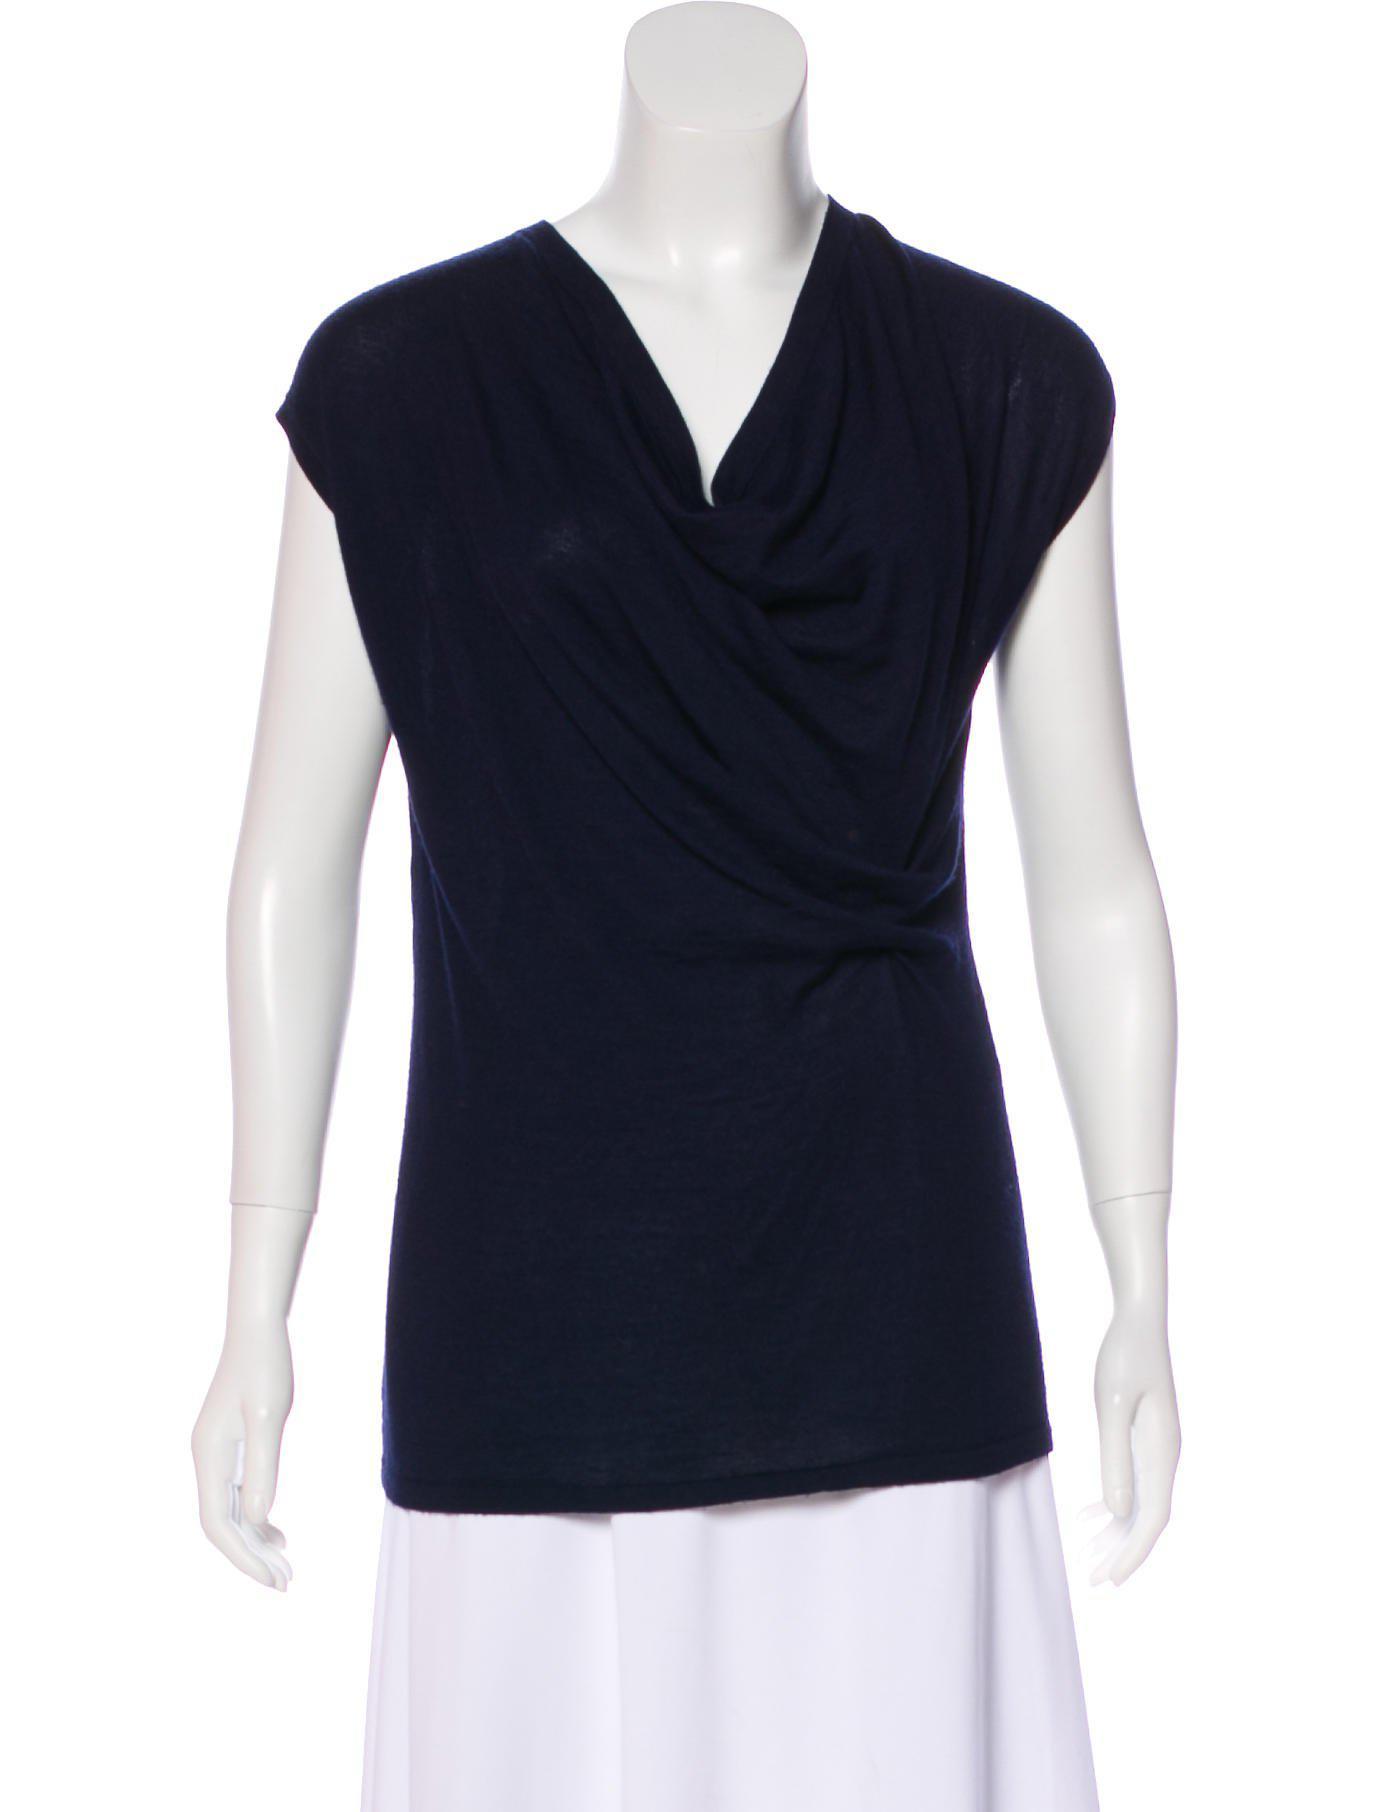 1764cf7a5e0a2 Lyst - Derek Lam Short Sleeve Cashmere Top in Blue